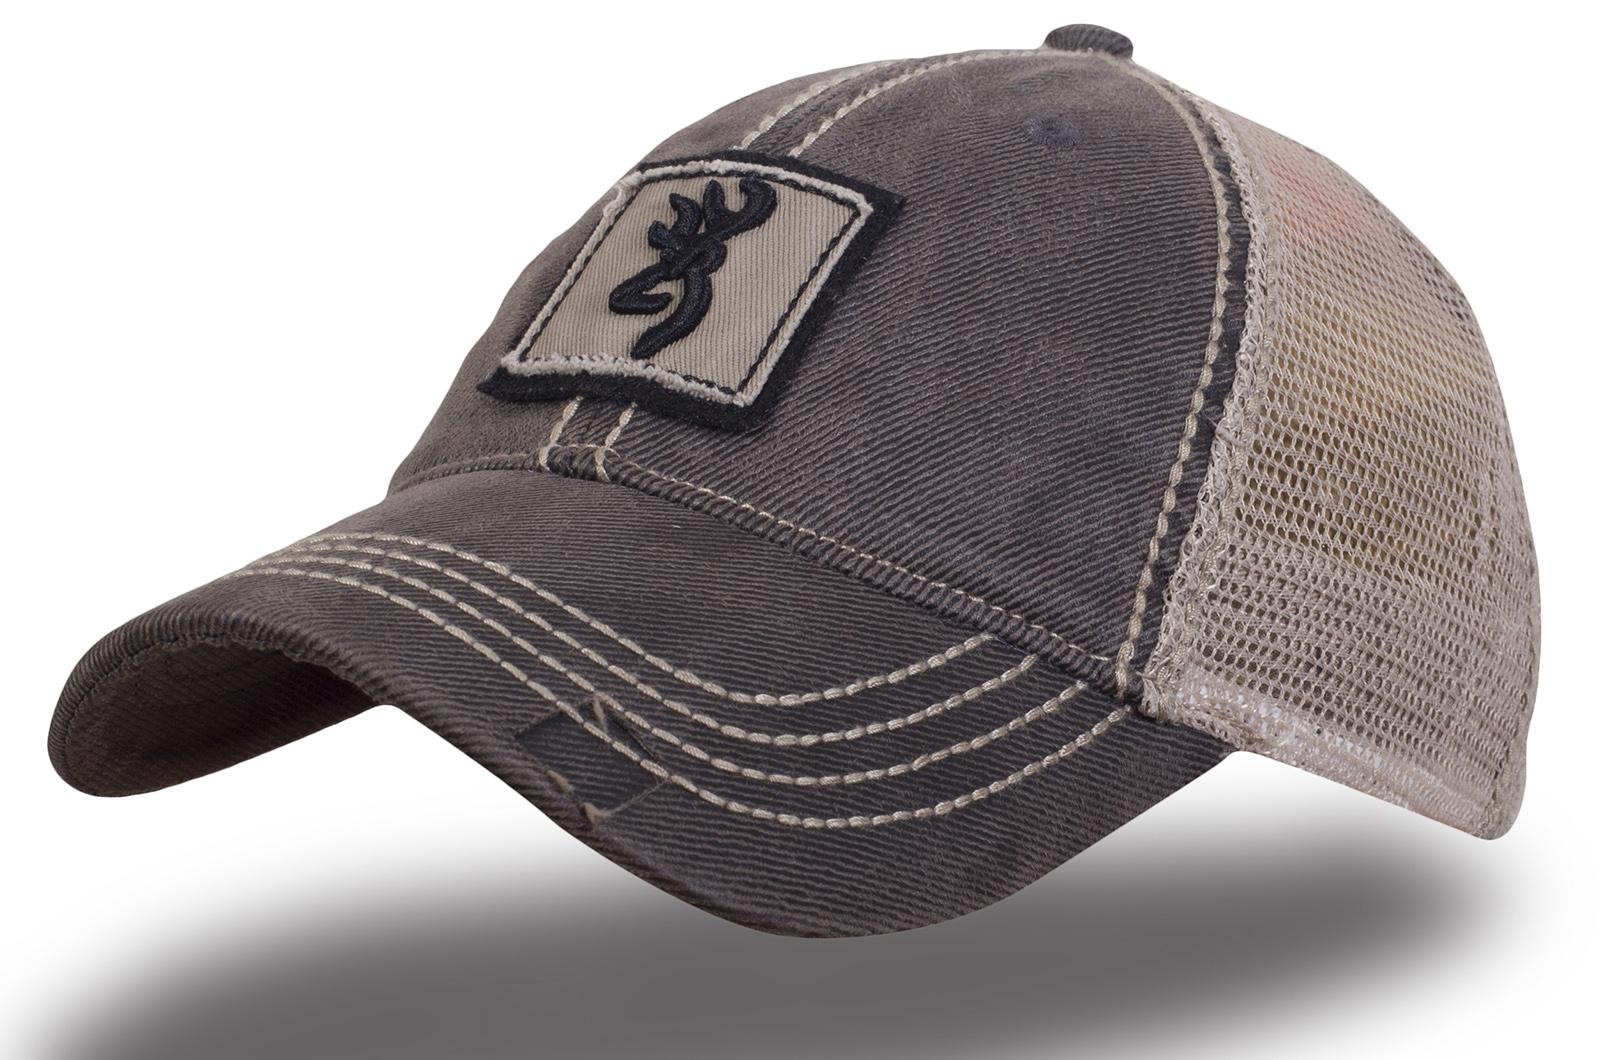 Кепка Browning серая с сеткой - купить в интернет-магазине с доставкой